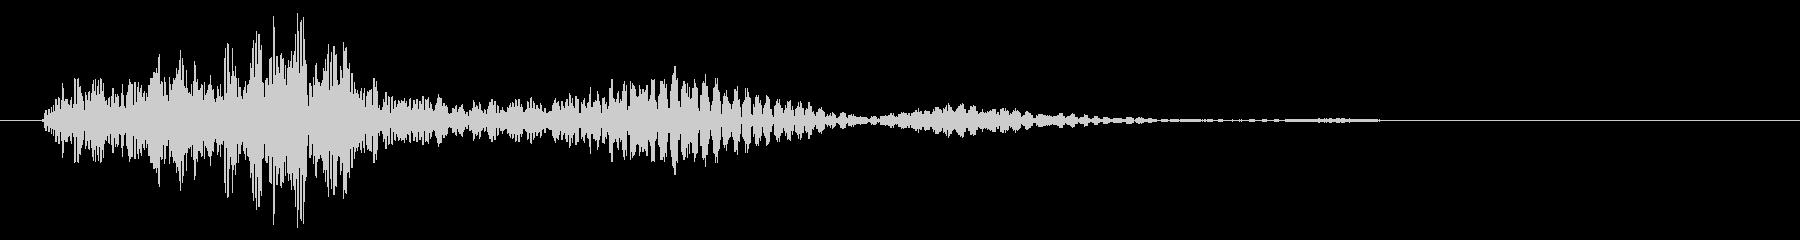 フィードバックライトウーシュによる...の未再生の波形